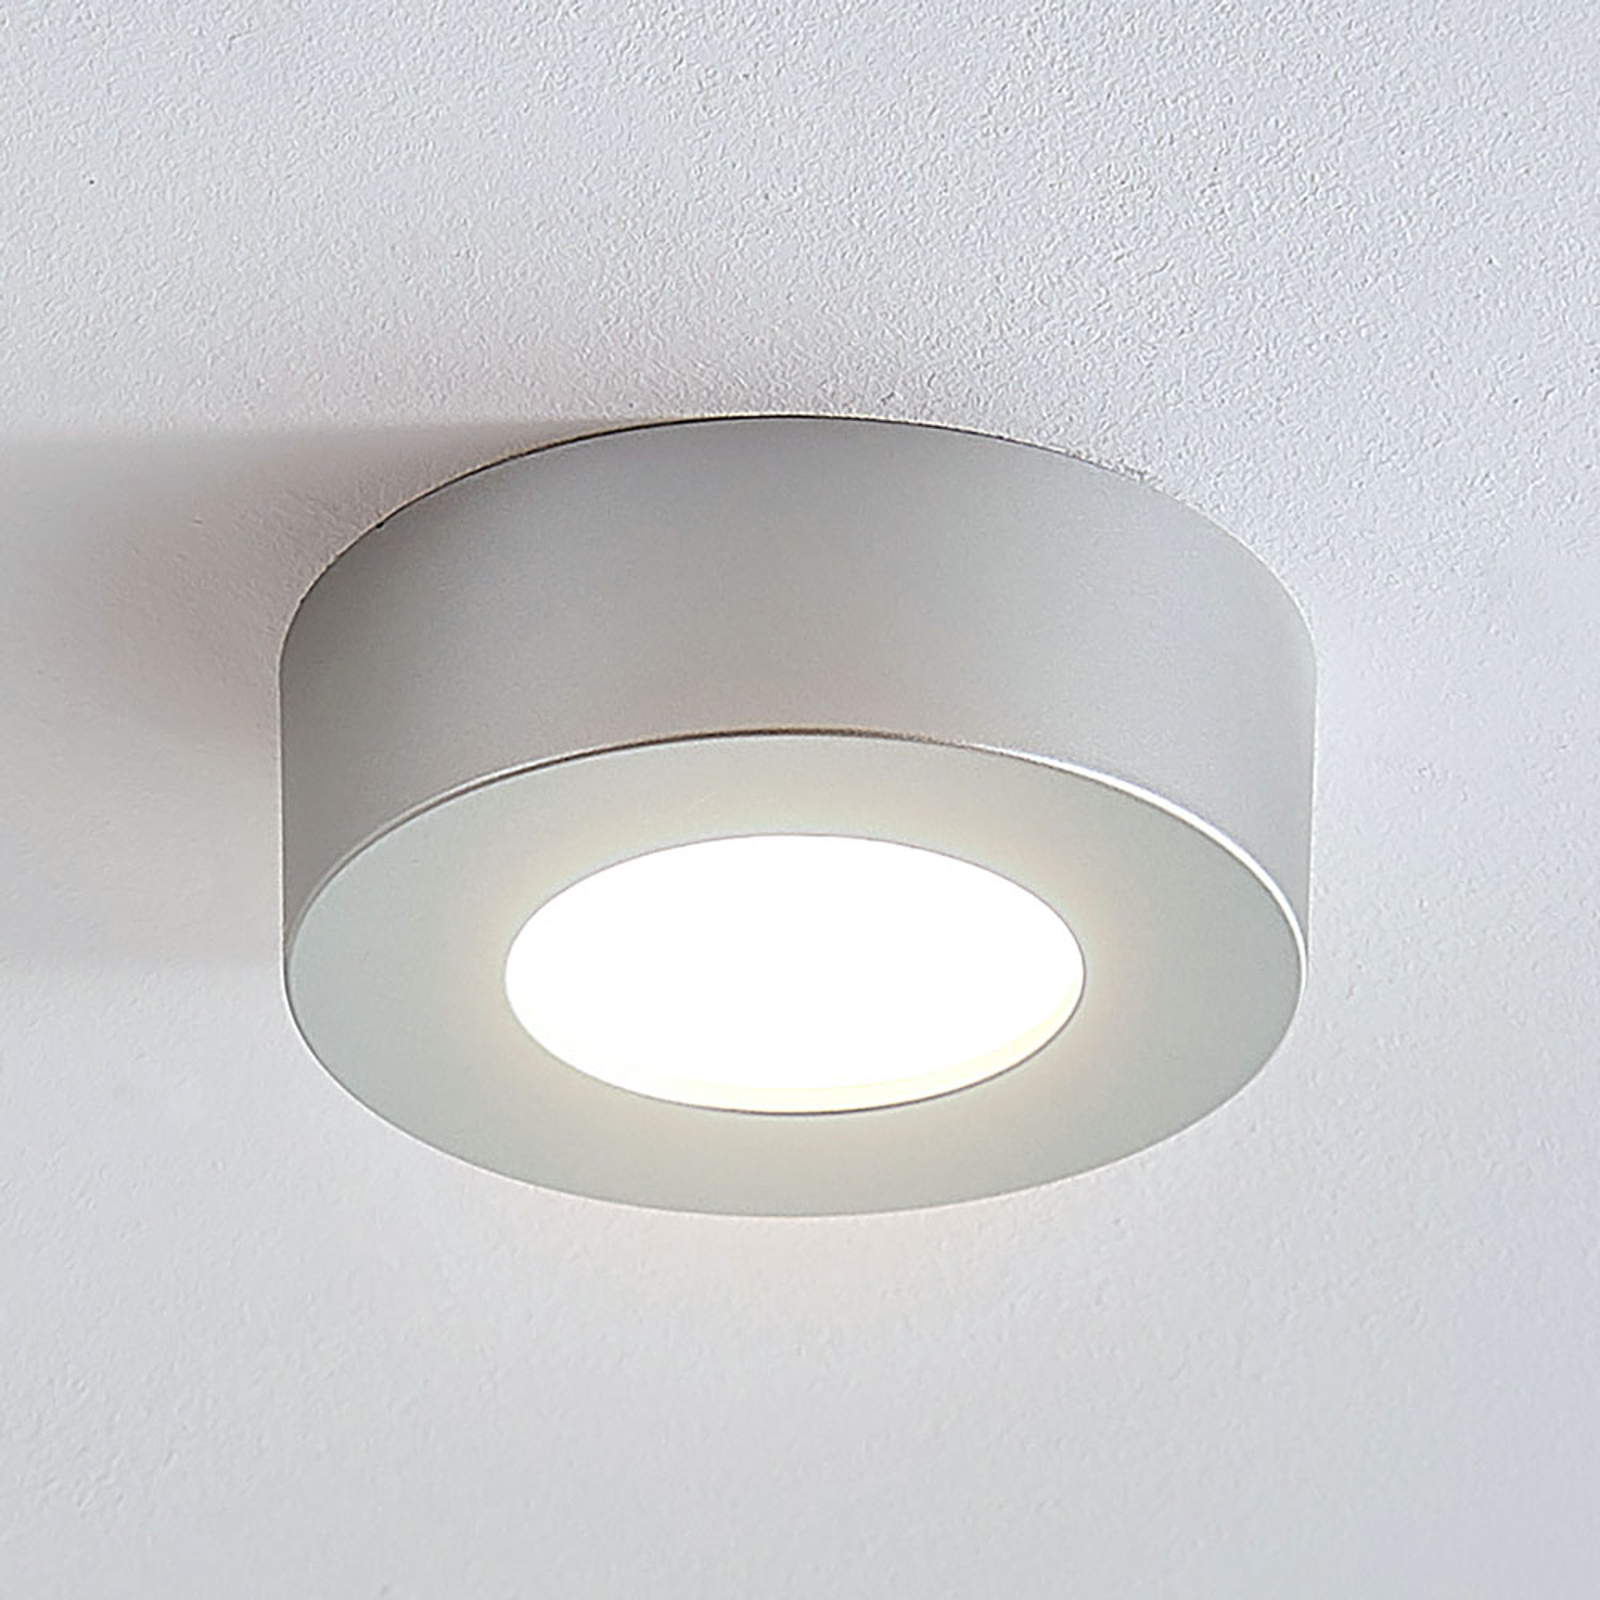 LED-kattovalo Marlo hopea 3000K pyöreä 12,8 cm